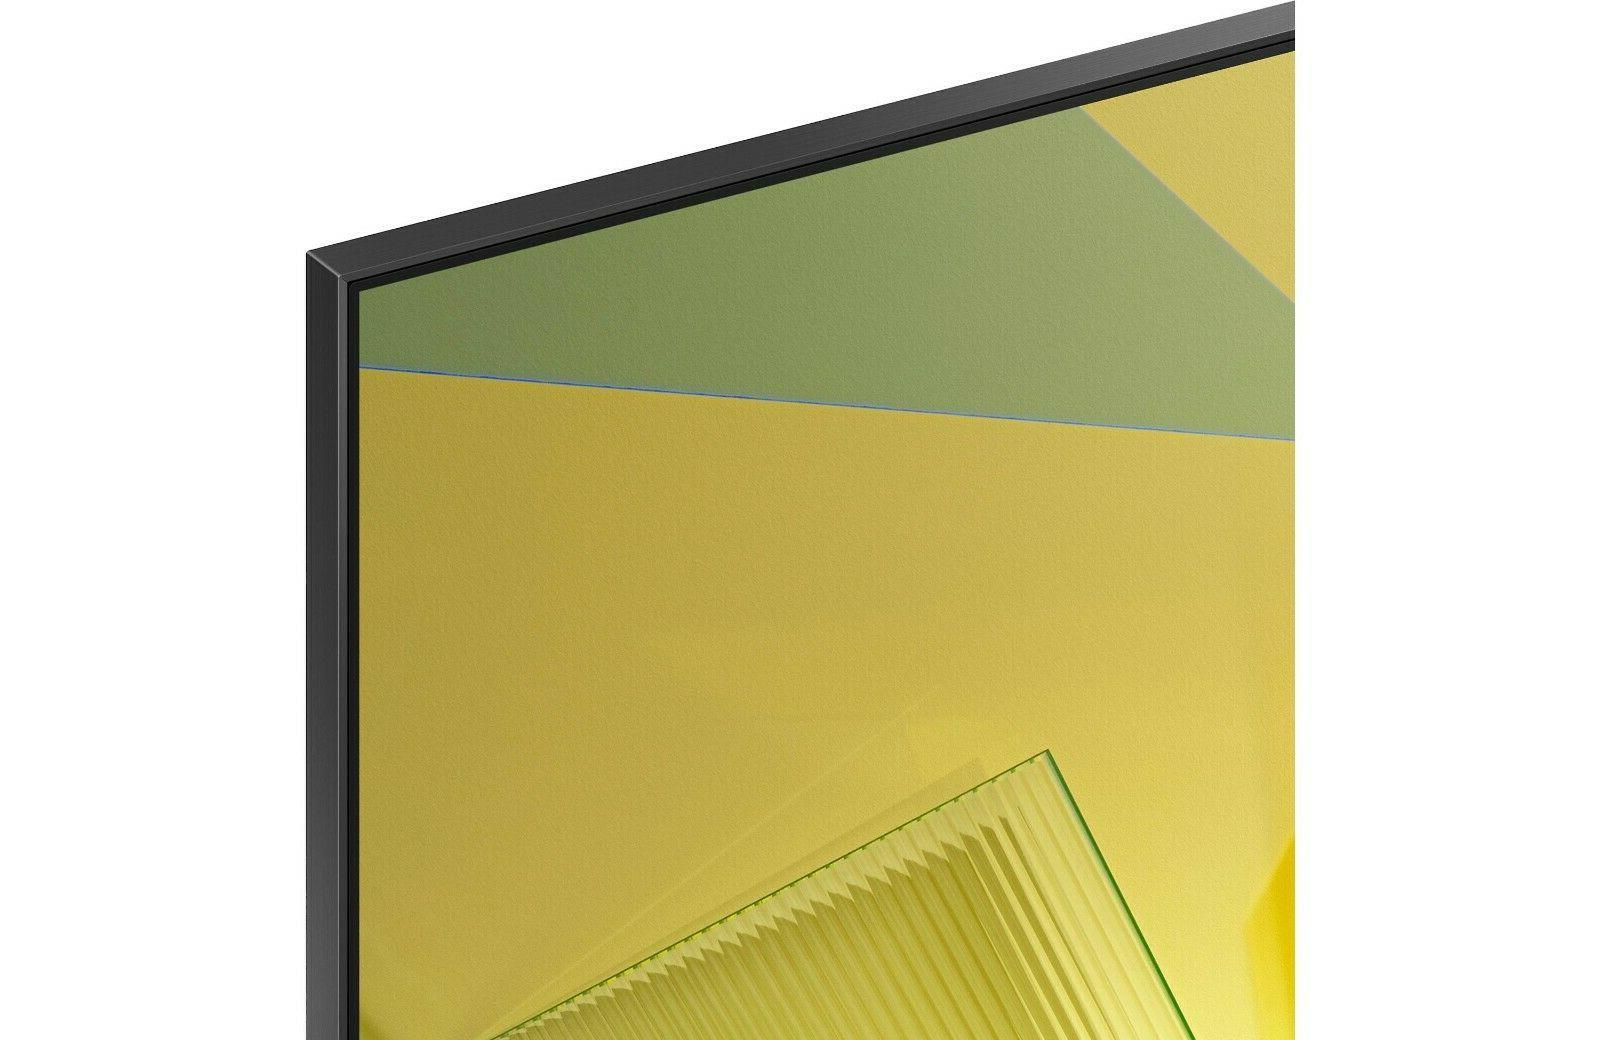 Samsung 4K UHD Smart TV - QN85Q90T HDTV 2020